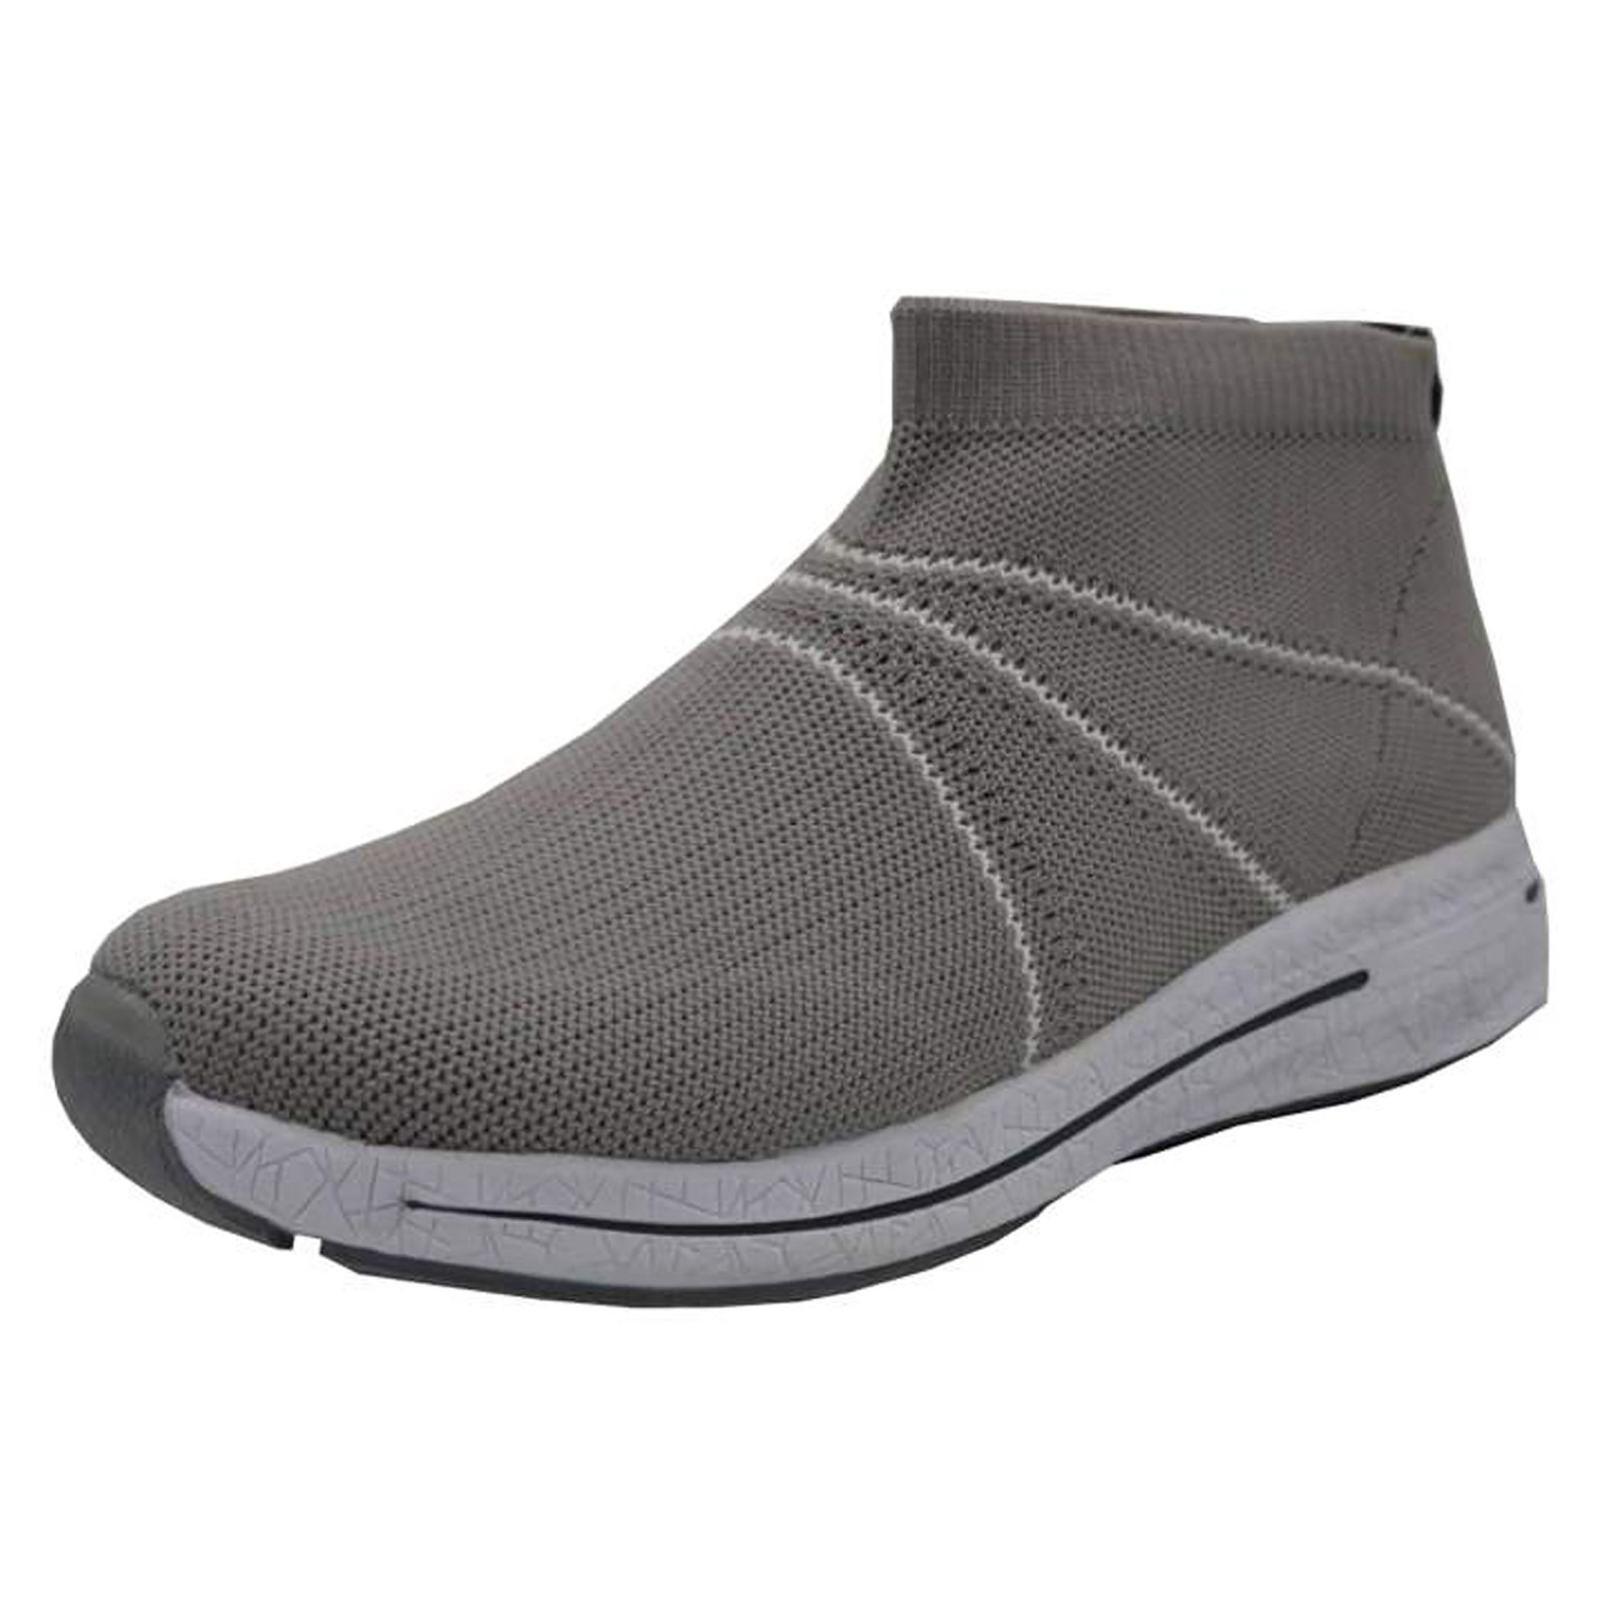 کفش مخصوص پیاده روی مردانه پرفکت استپس مدل ولونیو رنگ طوسی main 1 1